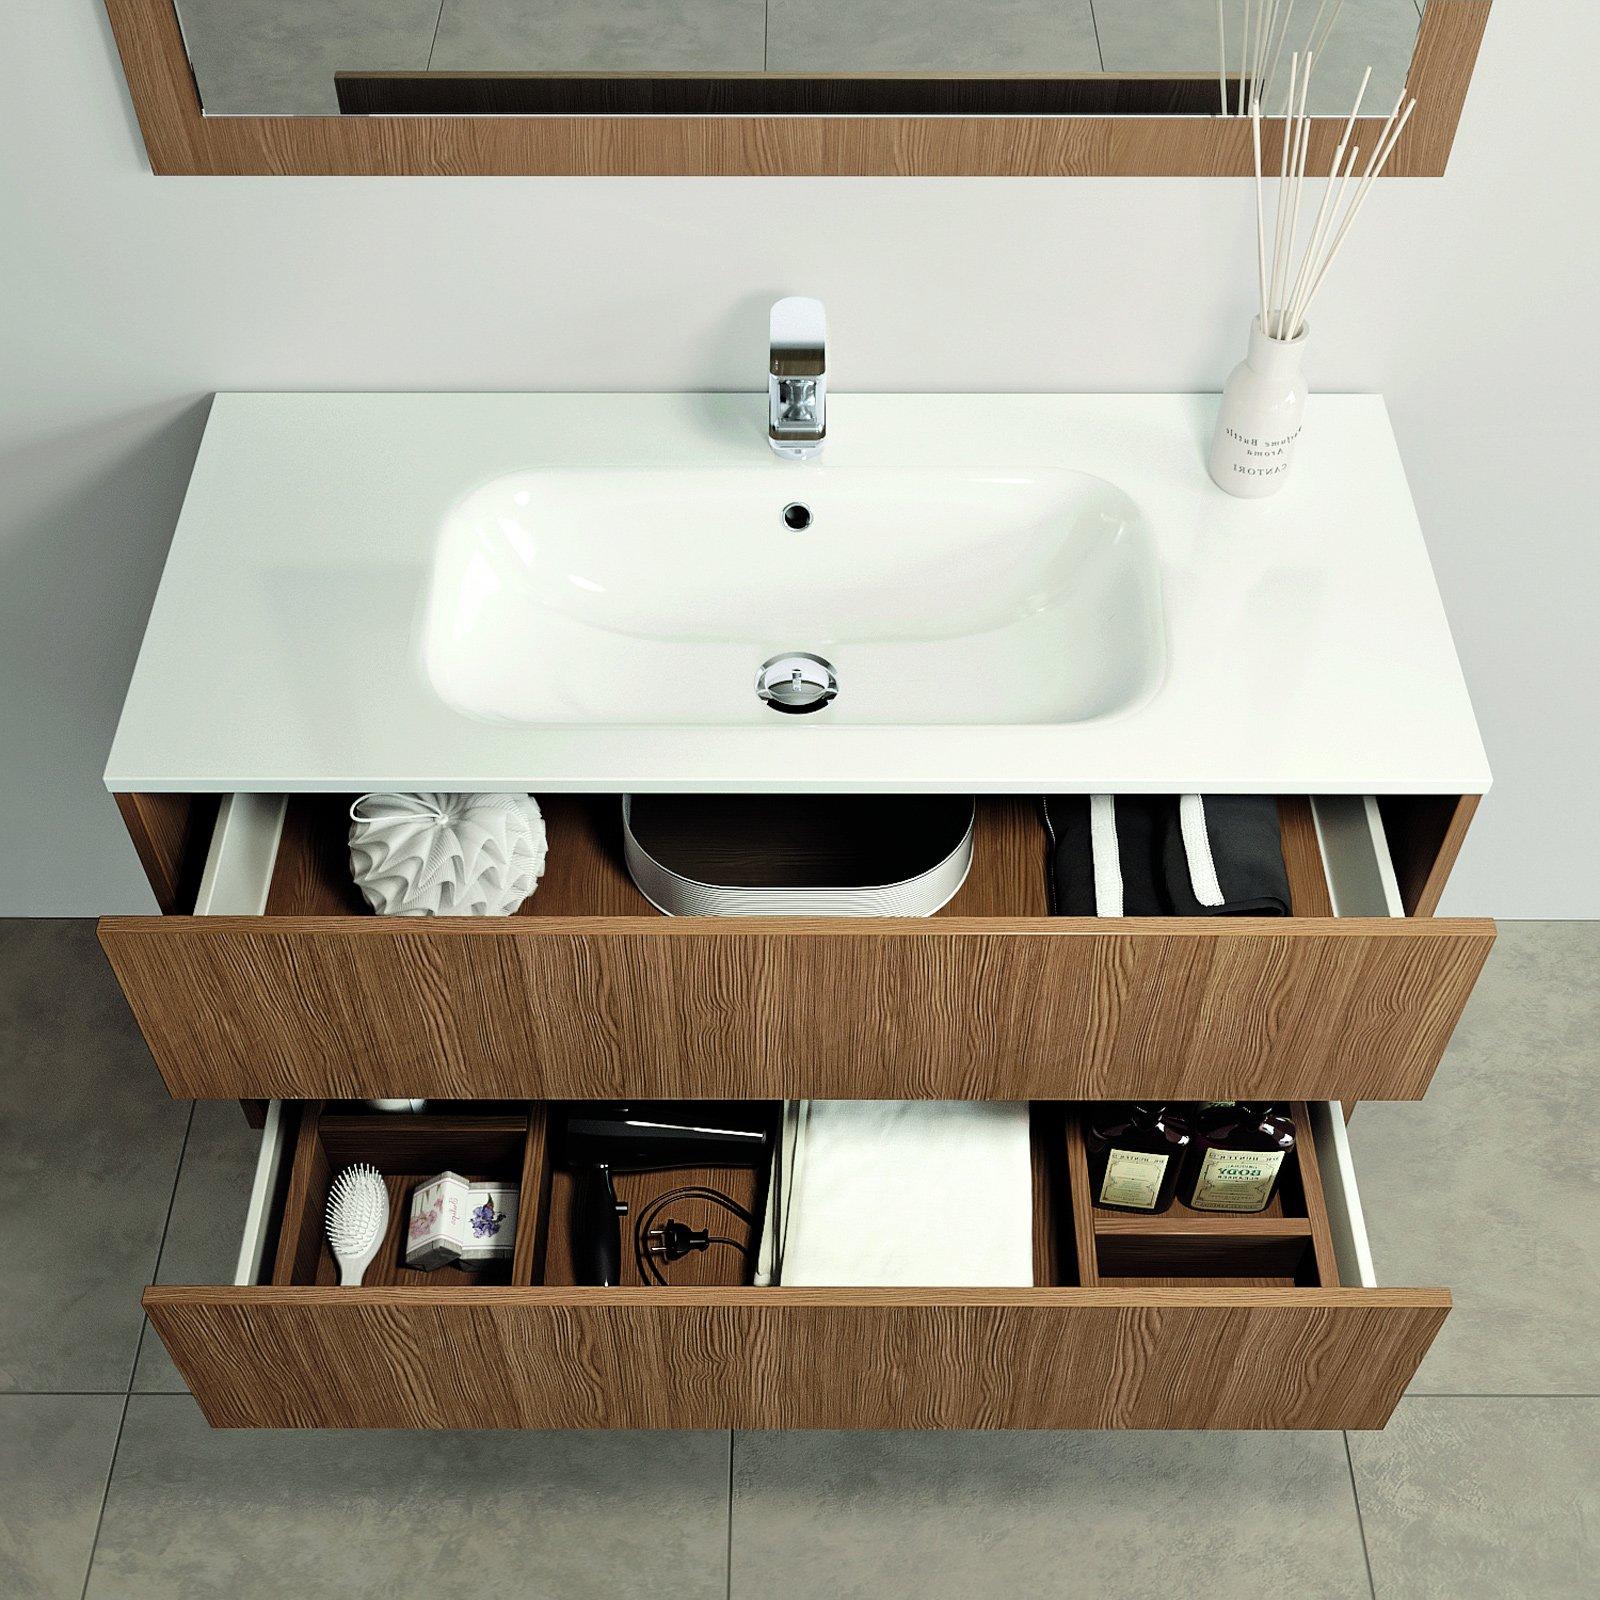 Mobili bagno con cassetti tutto in ordine sotto il lavabo - Lavandino con mobile bagno ...